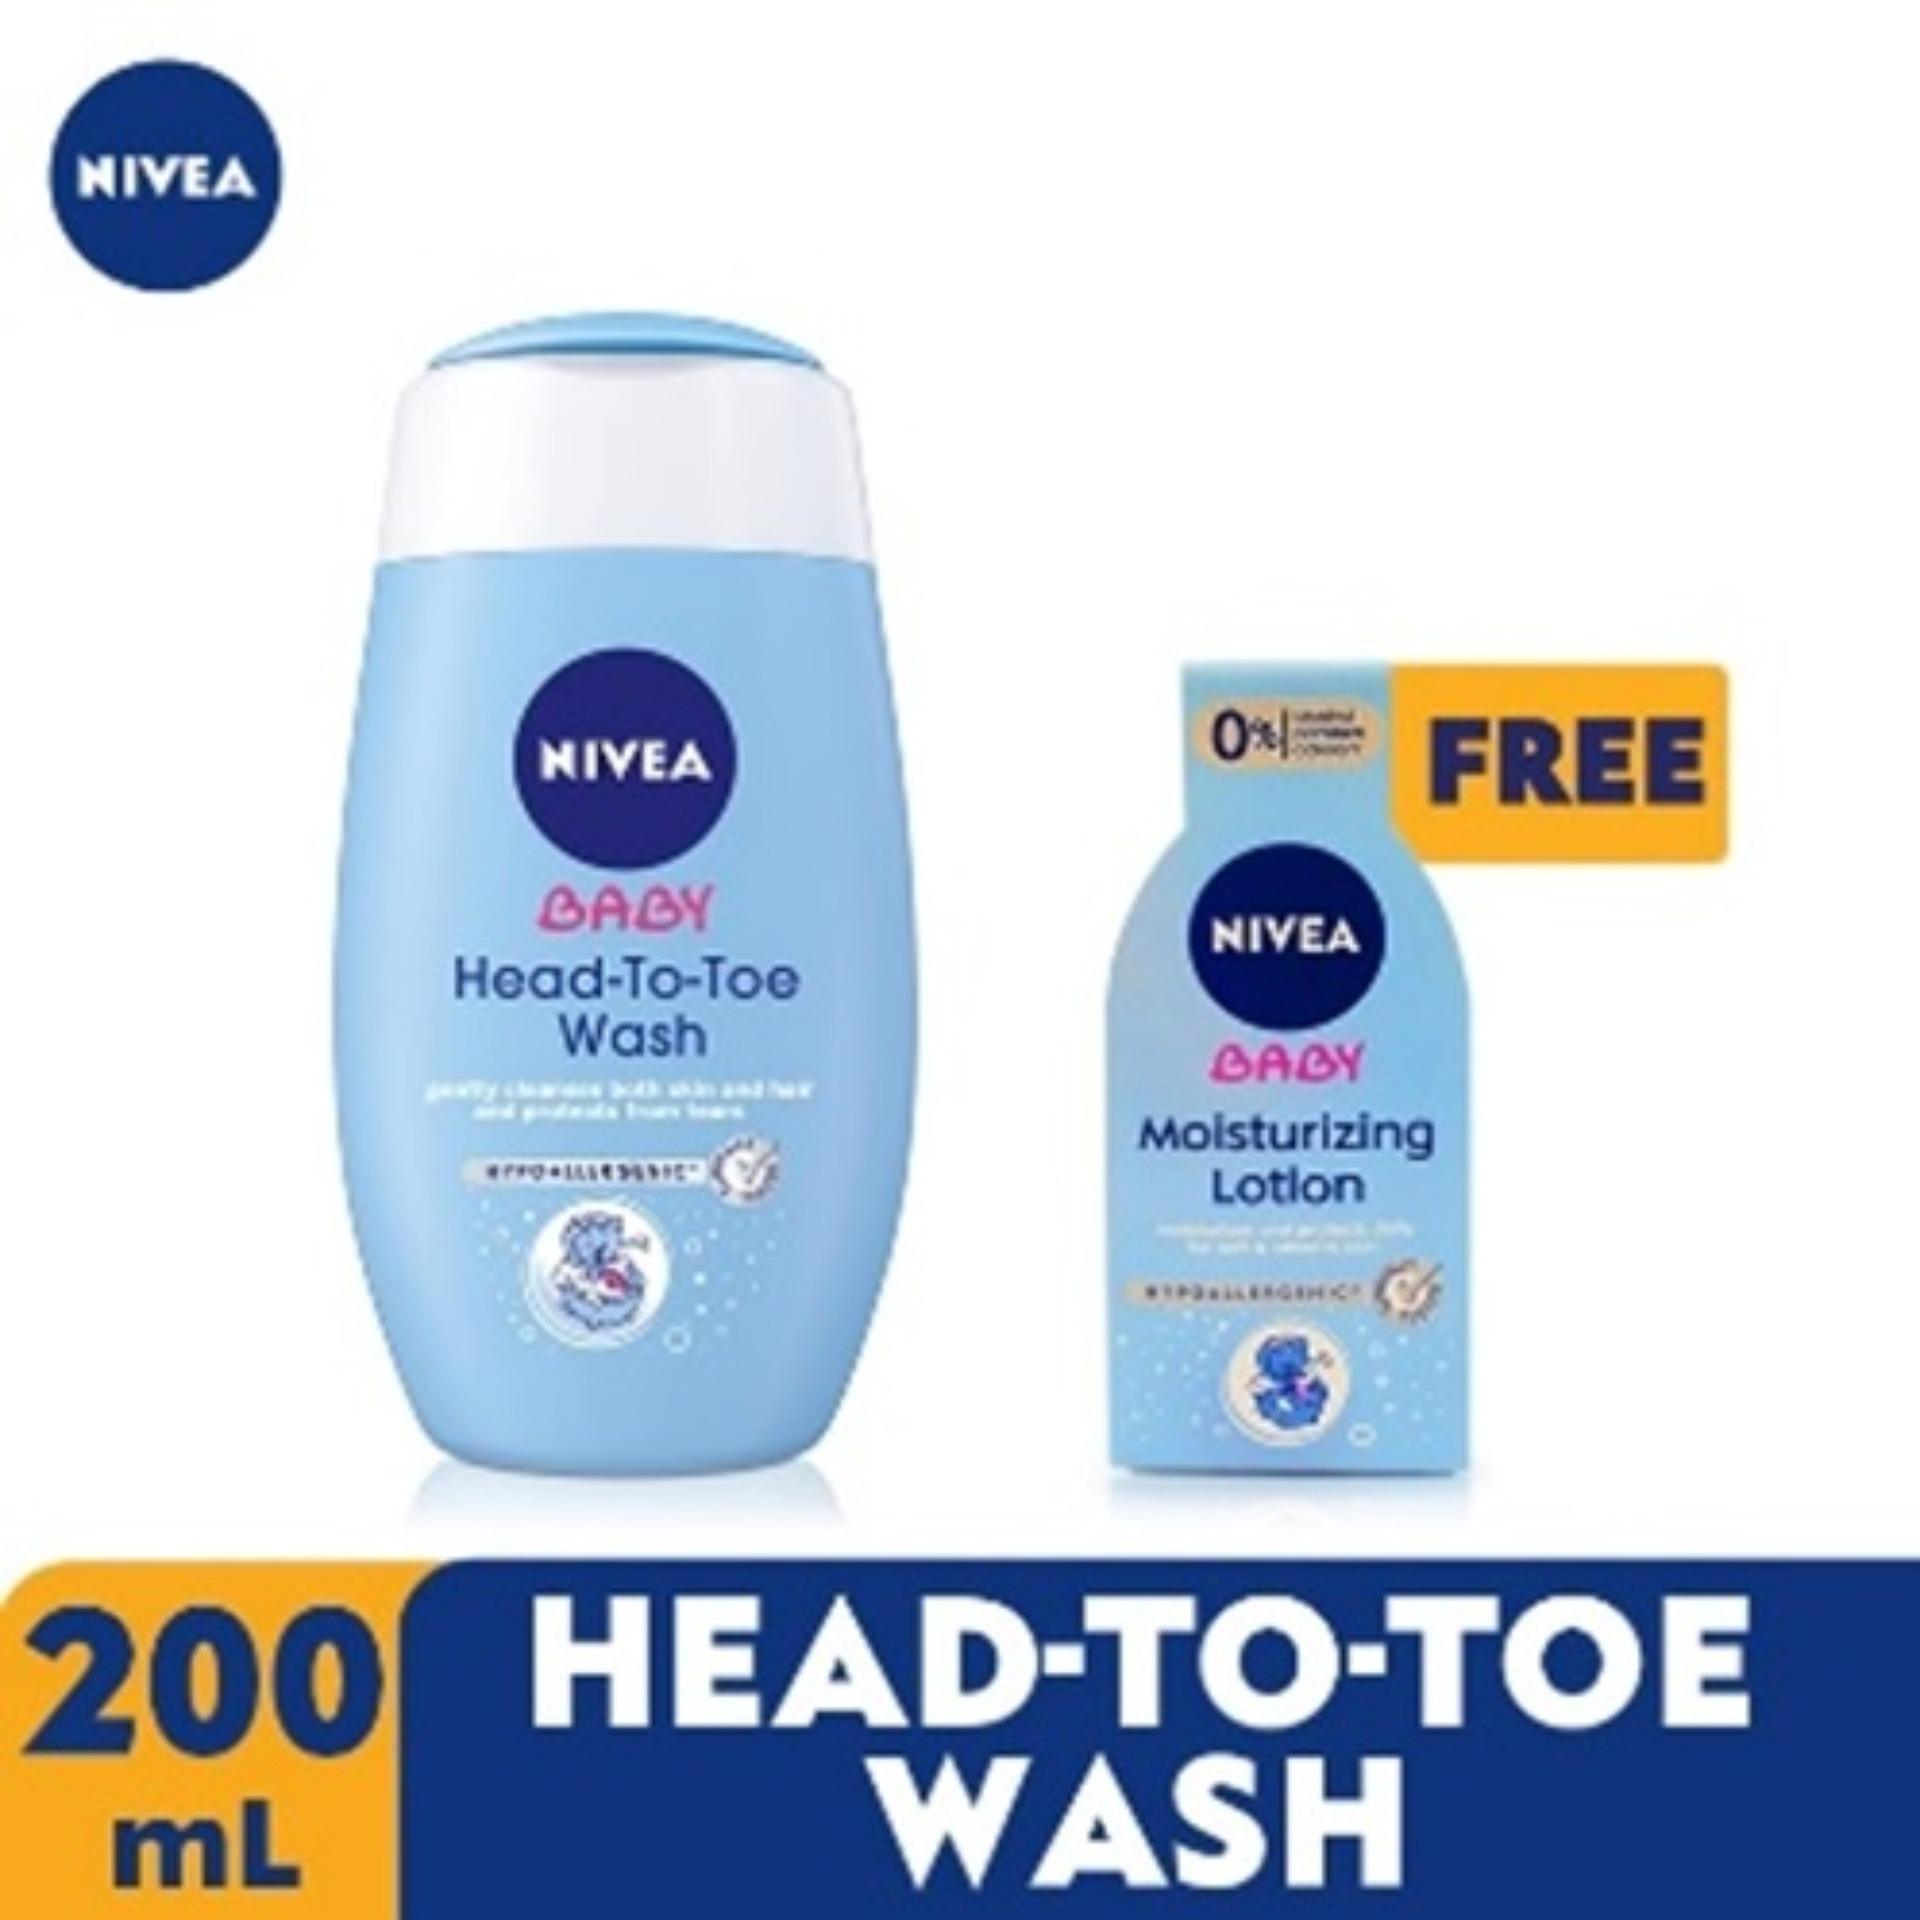 Nivea Baby Head To Toe 200ml + Free Baby Moisturizing Lotion 50ml By Lazada Retail Nivea.